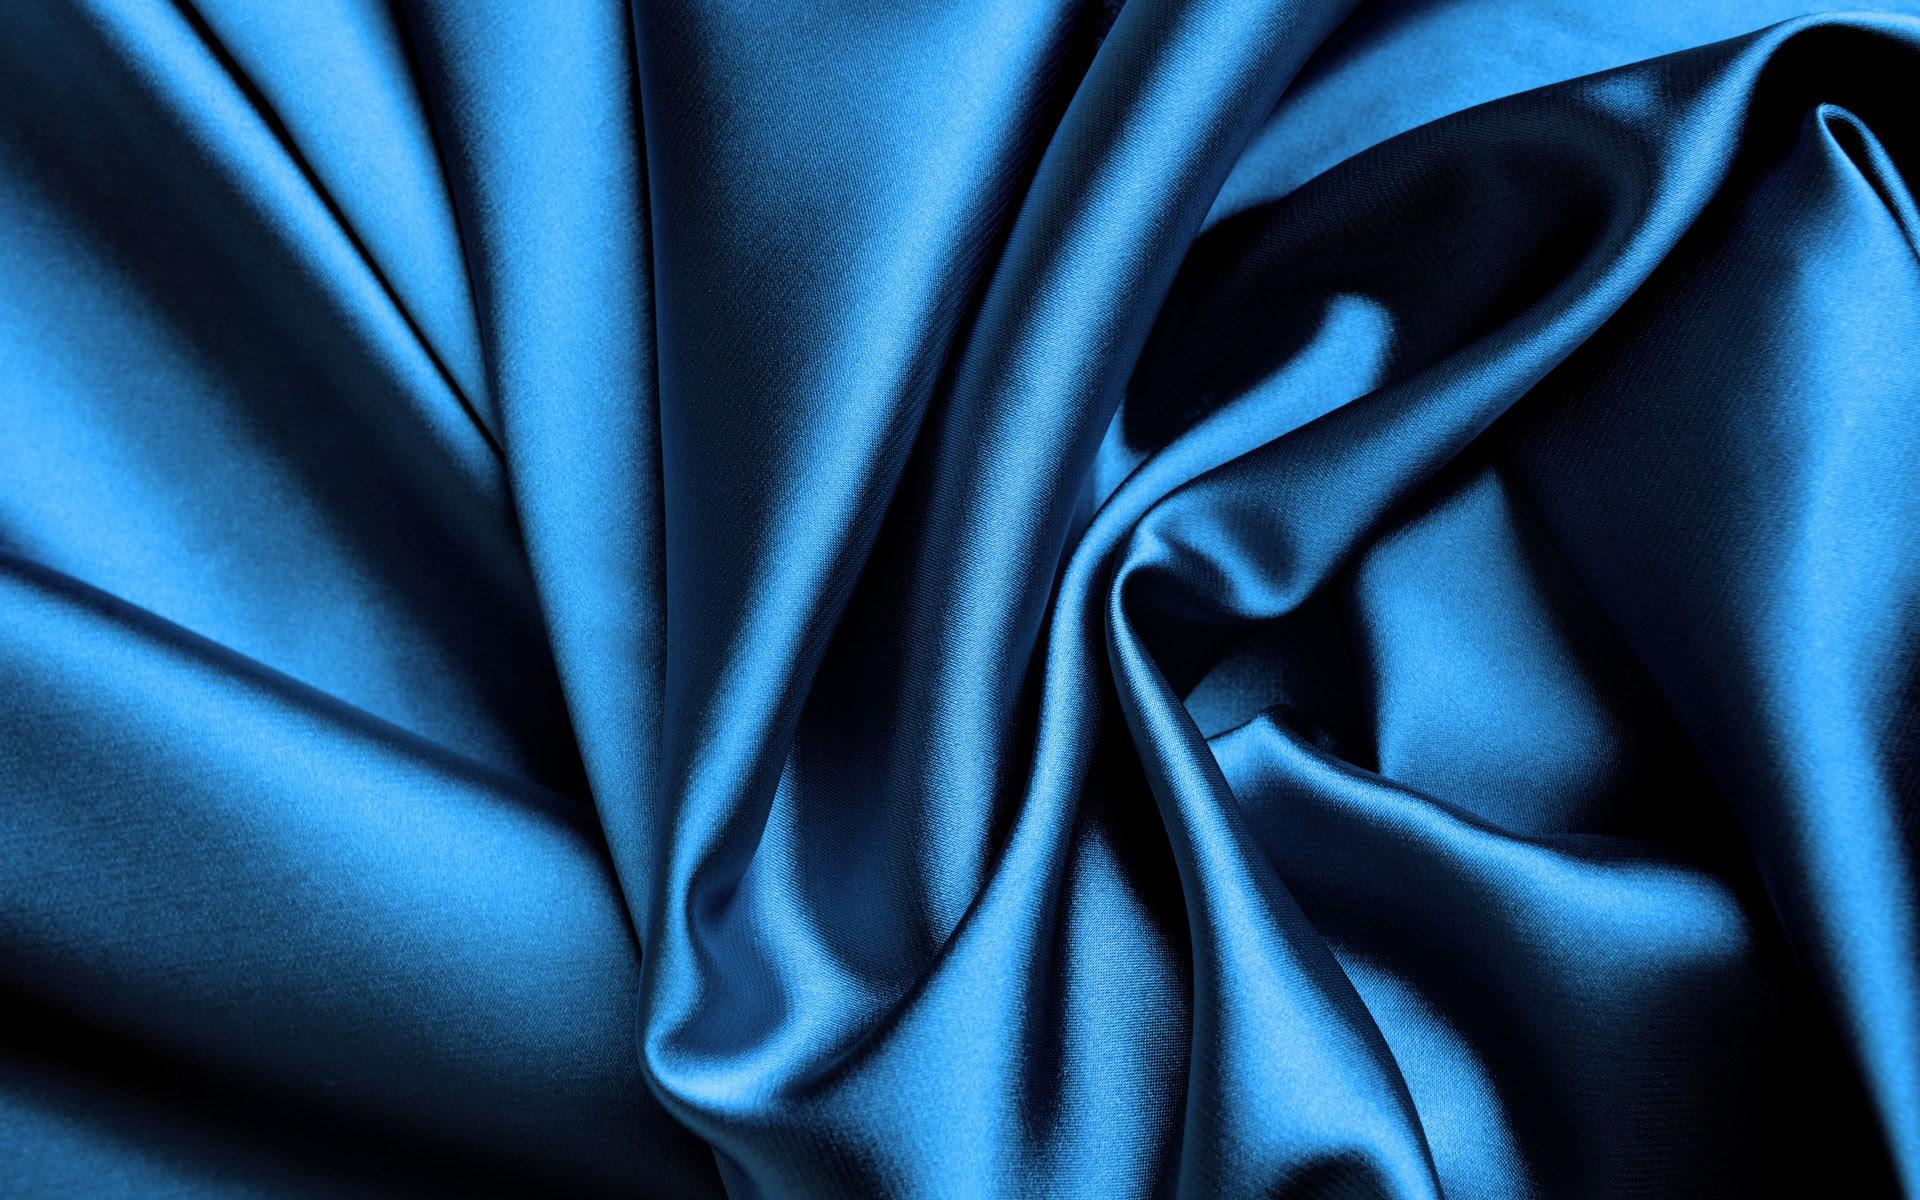 Blue Silk wallpaper   1920x1200   #32678